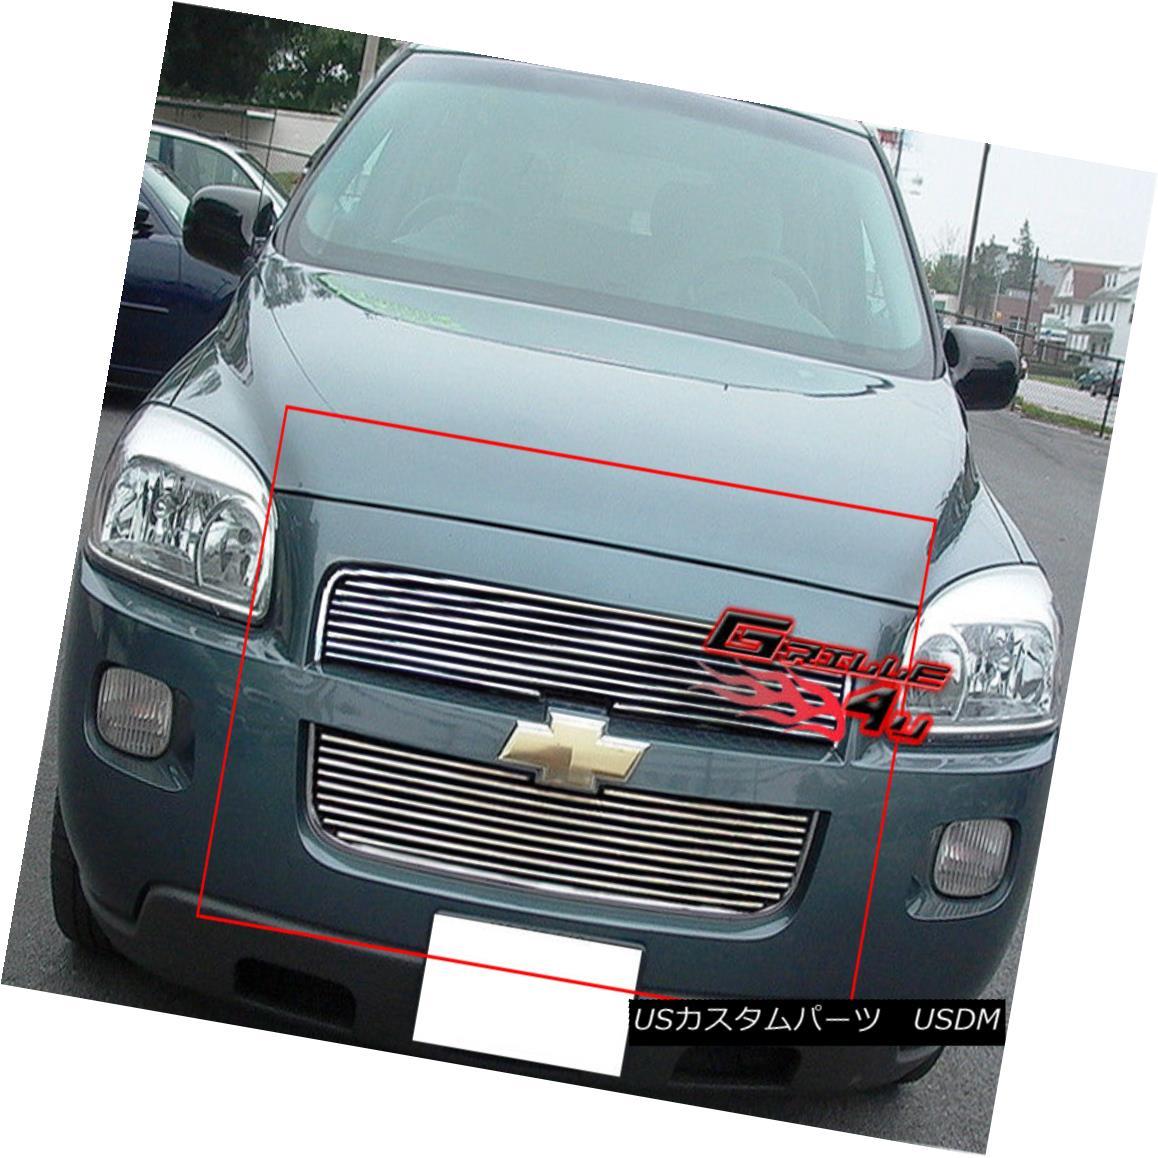 グリル Fits 2005-2008 Chevy Uplander Main Upper Billet Grille Insert 2005-2008シボレーUplanderメインアッパービレットグリルインサートに適合